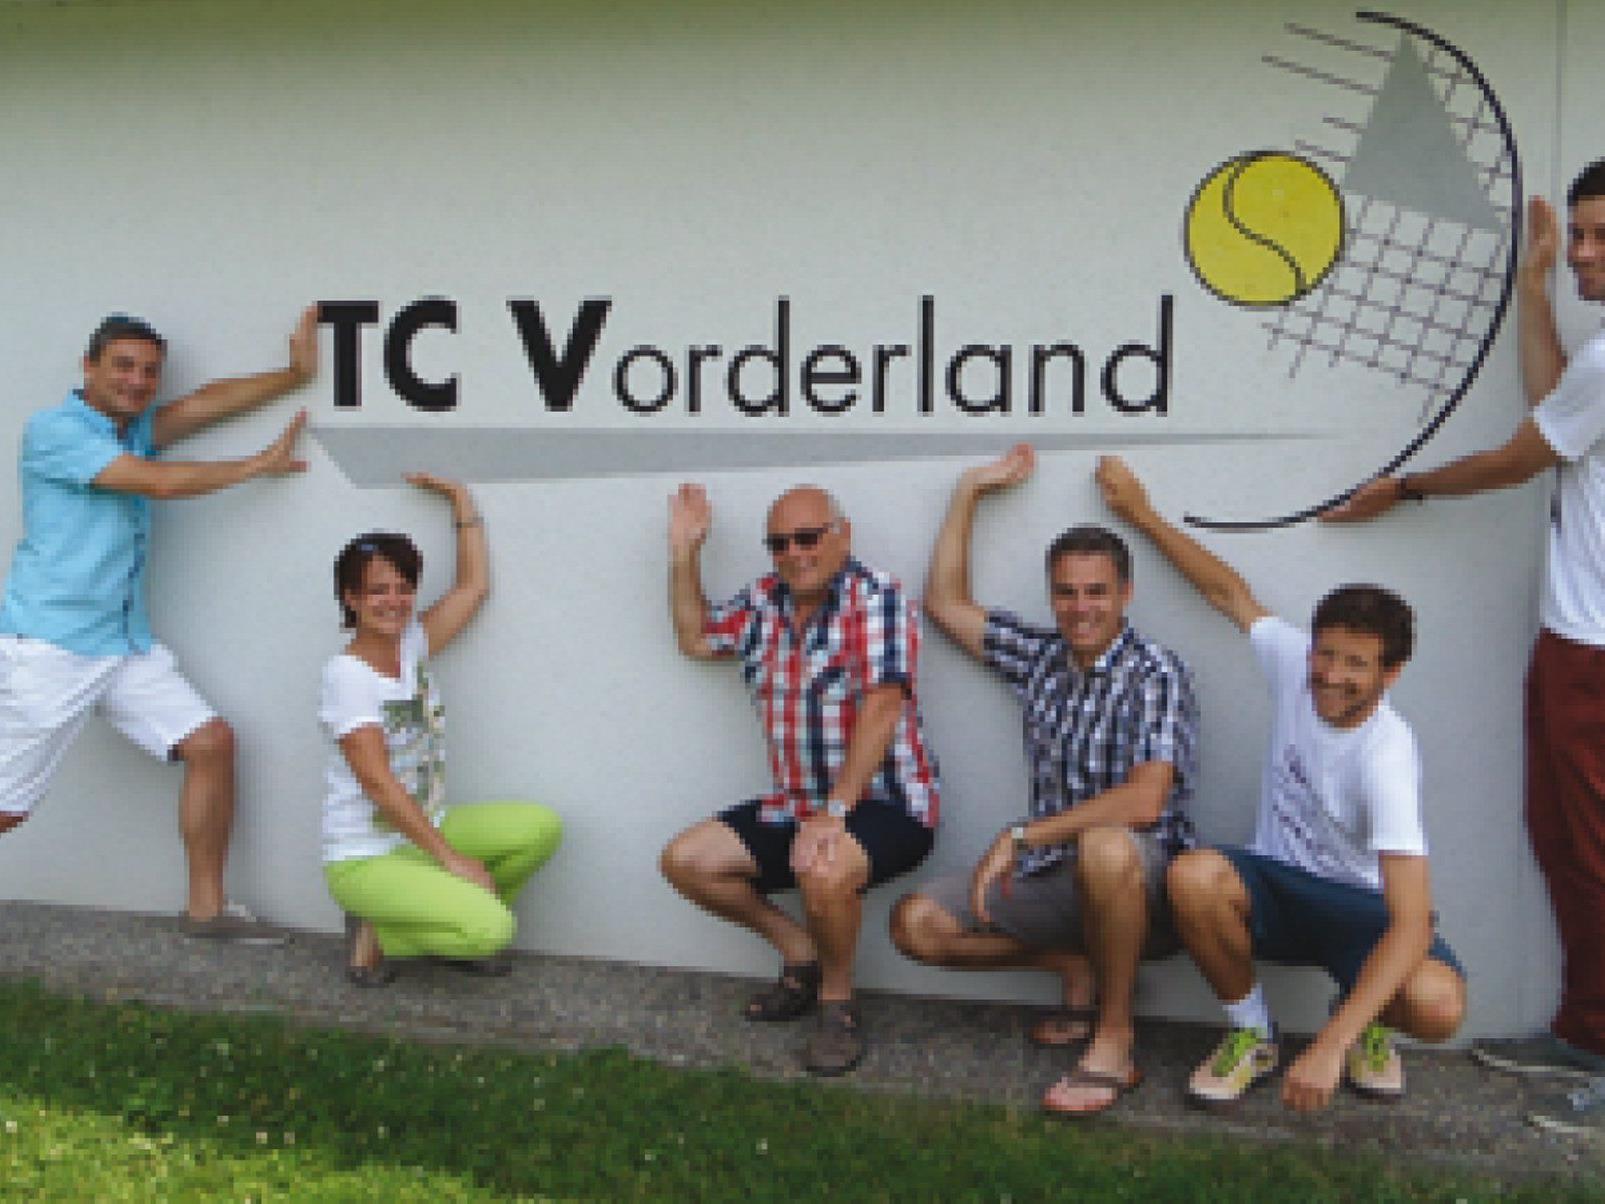 Der TC Vorderland feiert sein 40 jähriges Bestehen mit den Landesmeisterschaften.